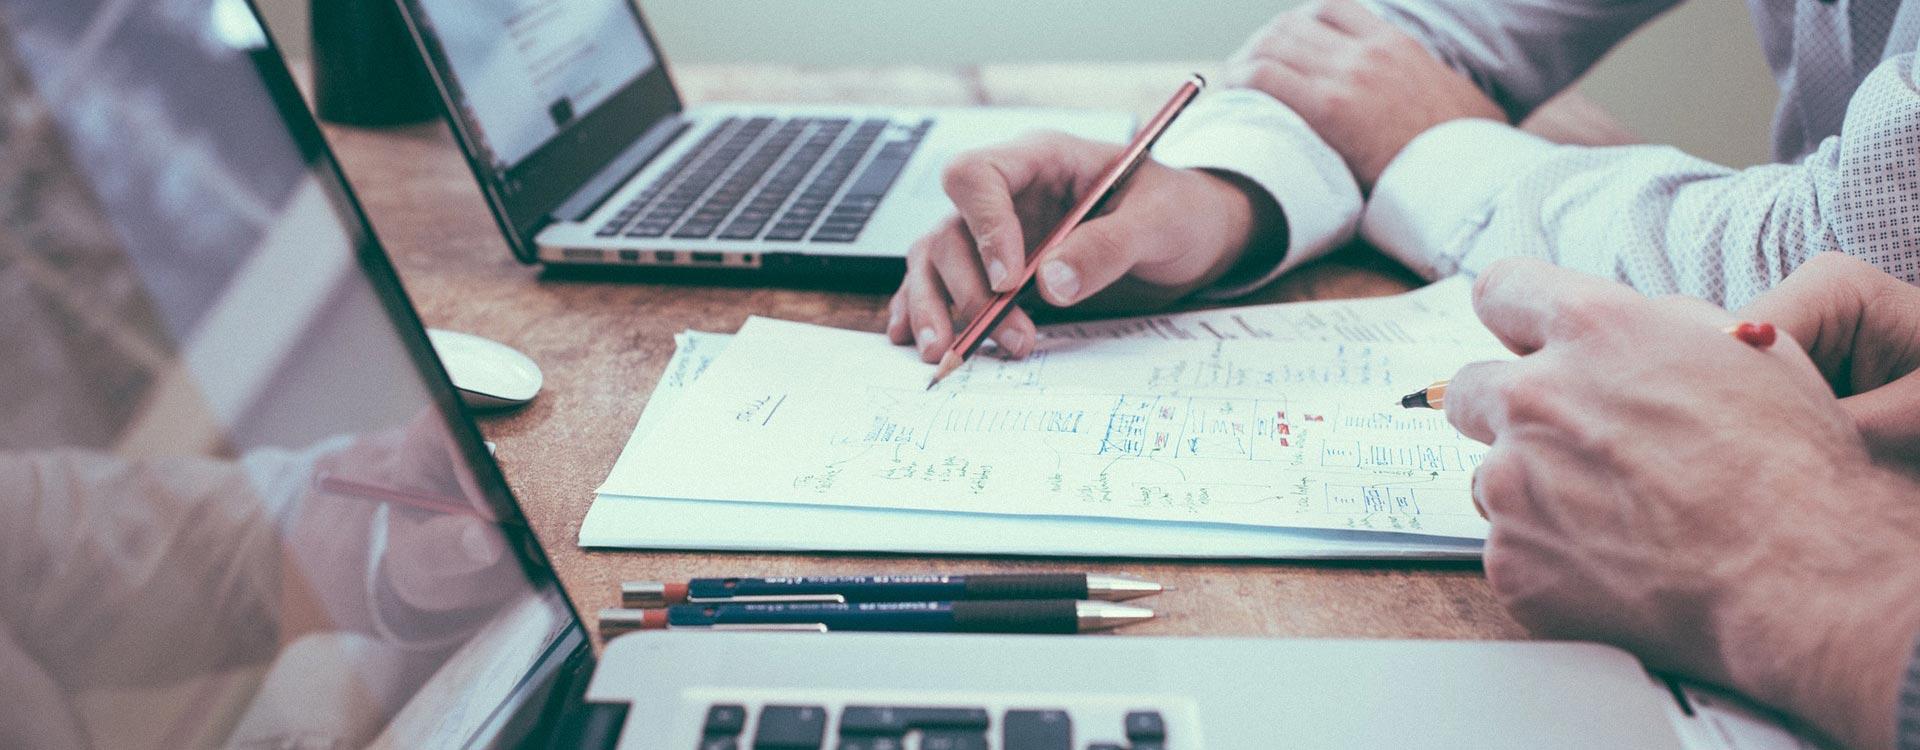 Planung und Projektierung |Alphatec Systems